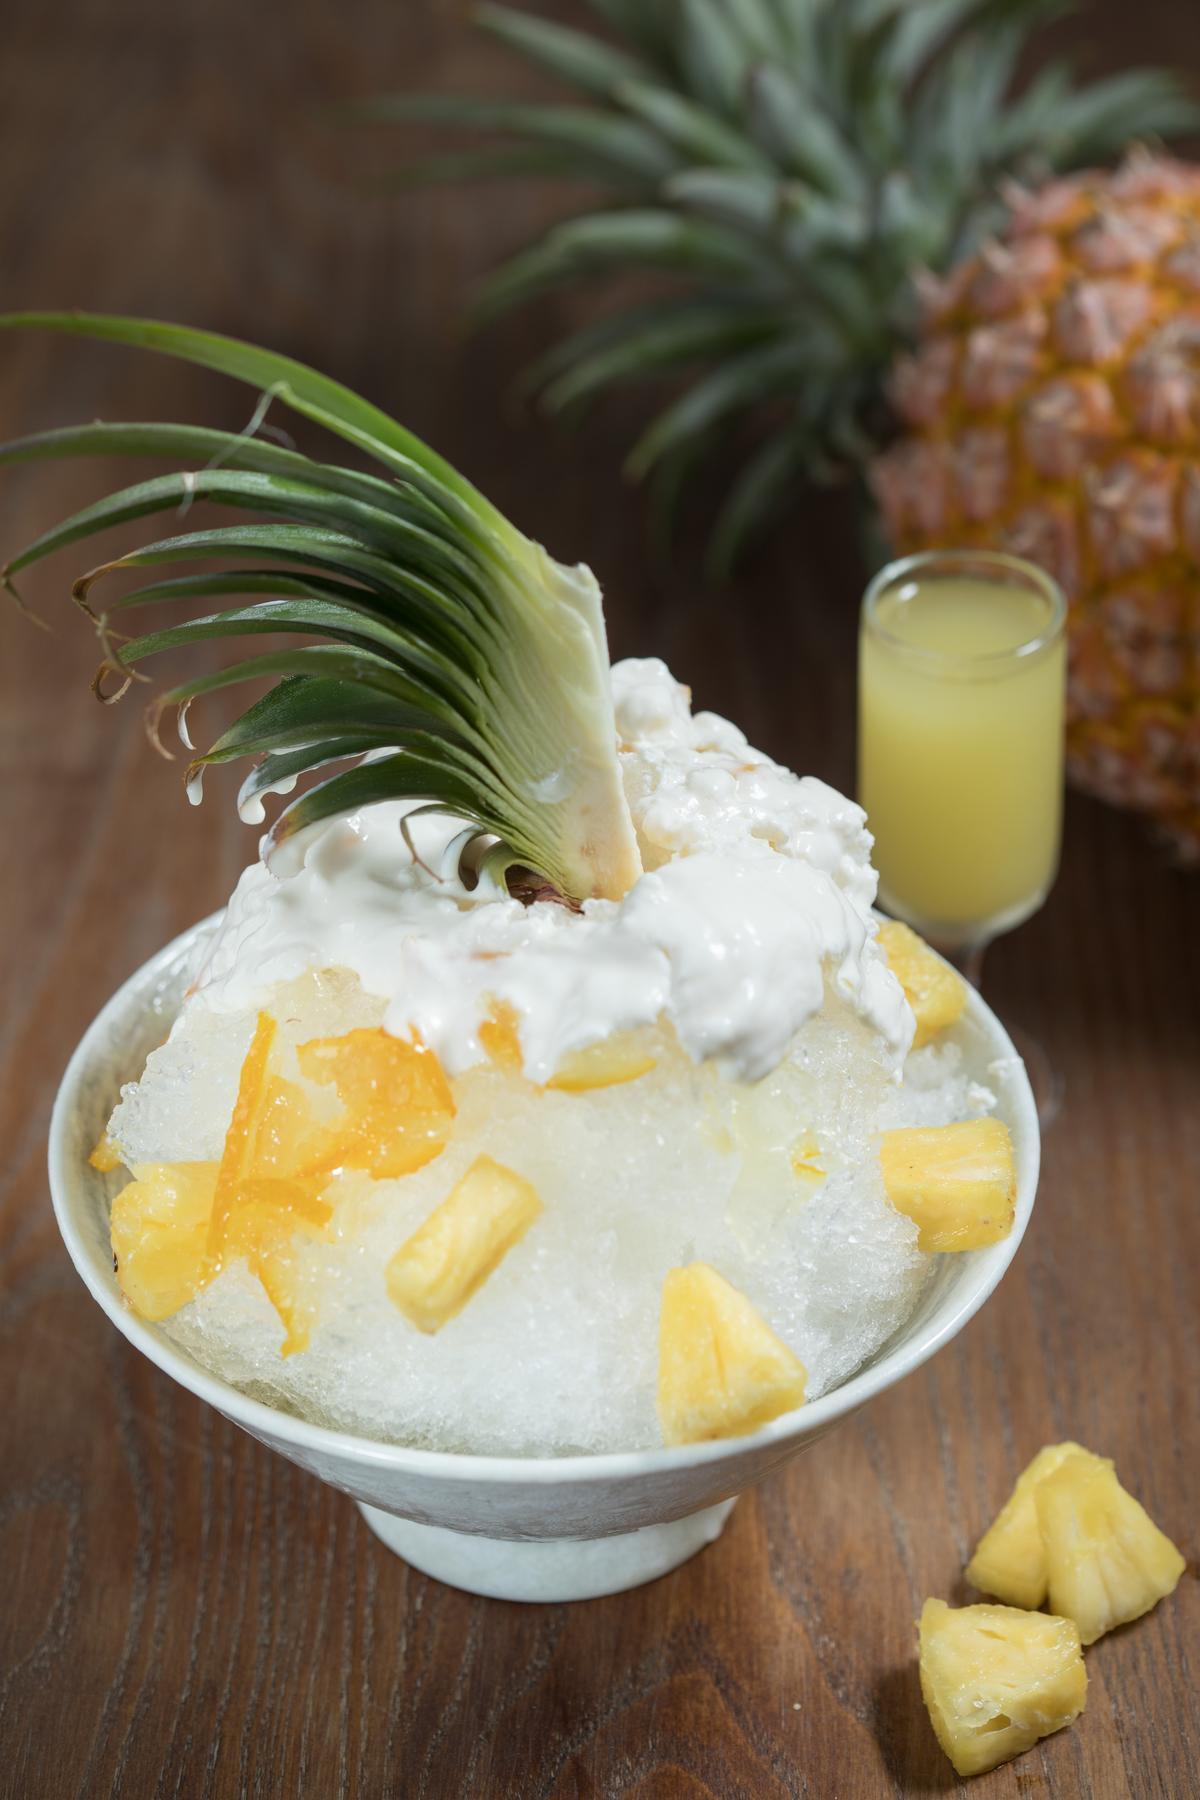 「夏日大鳳梨優格冰」濃滑的優格裡滿是酸甜鳯梨及柚香,冰涼生津。(150元/碗)